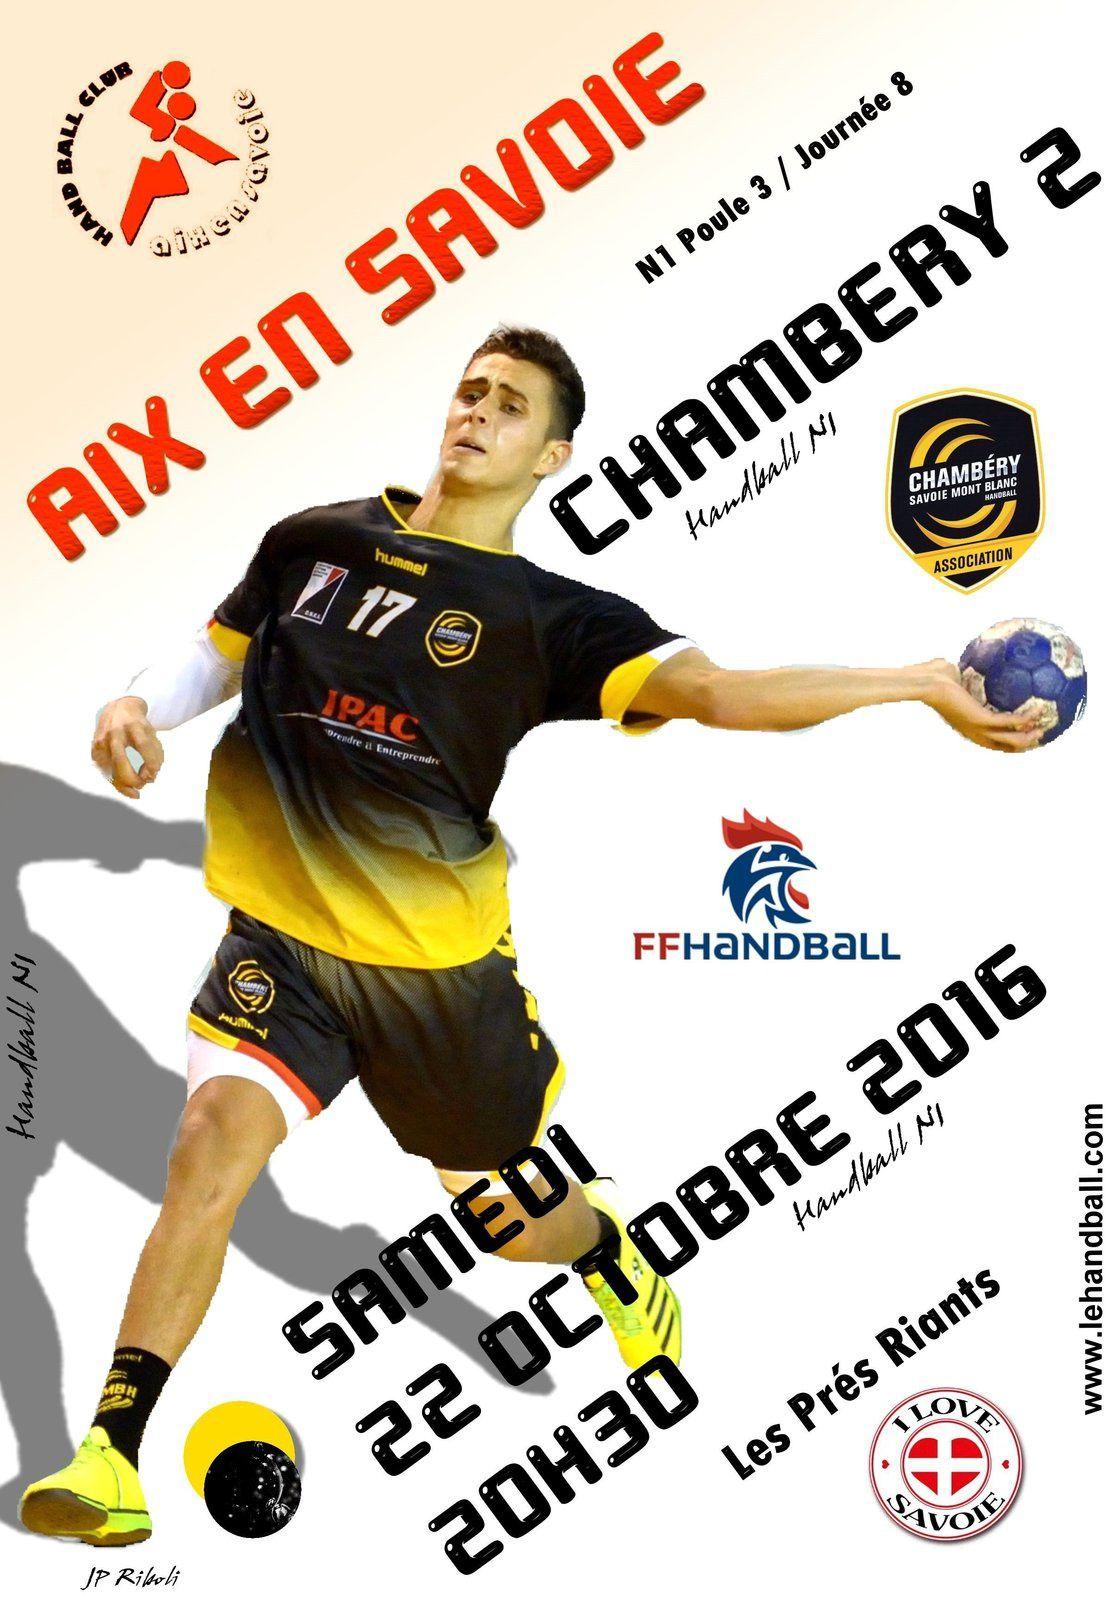 CHAMBERY / les matches du wek-end 22 et 23 octobre 2016